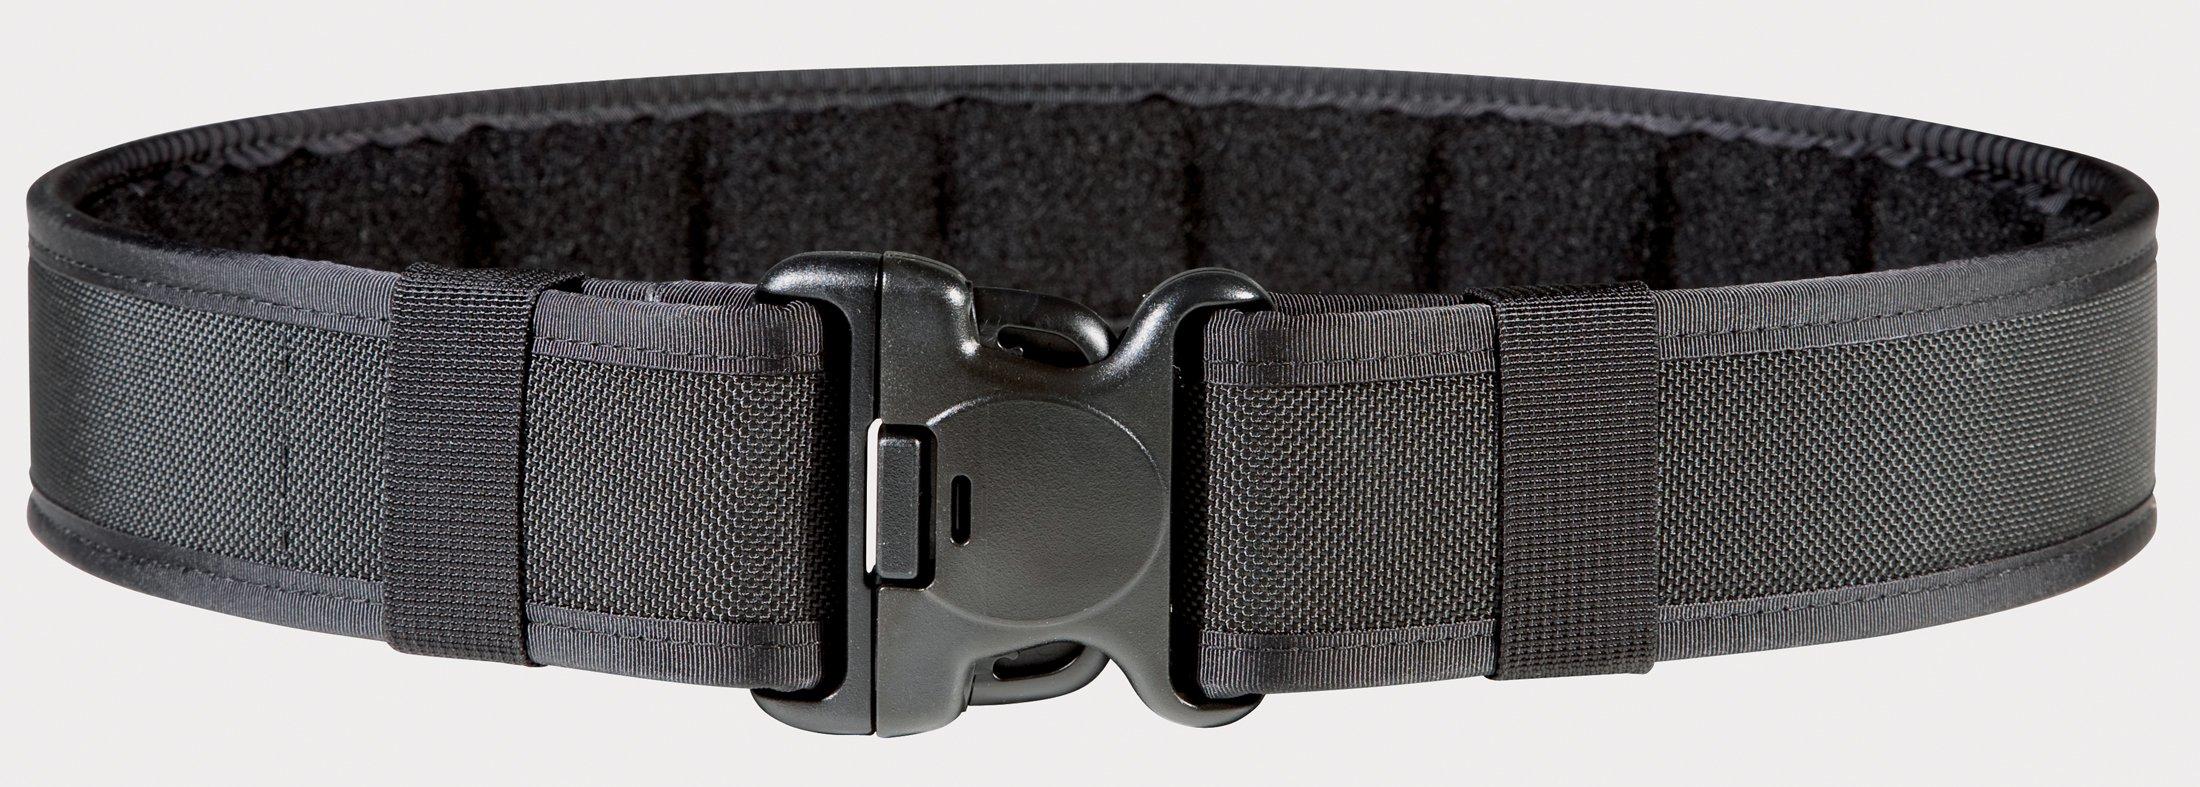 Bianchi 7225 Black Ergotek Nylon Duty Belt (Size 38-40) by Bianchi (Image #1)